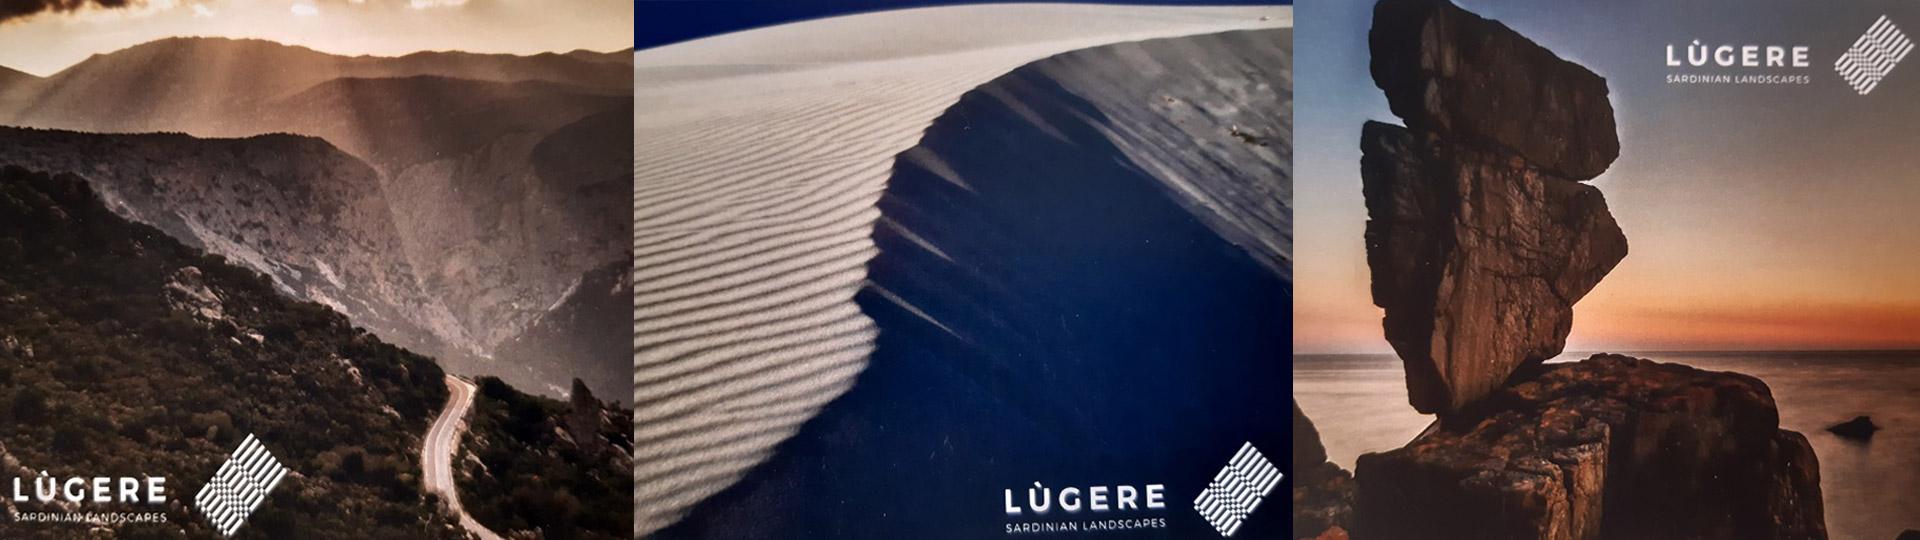 Composizione di tre immagini del progetto Lùgere